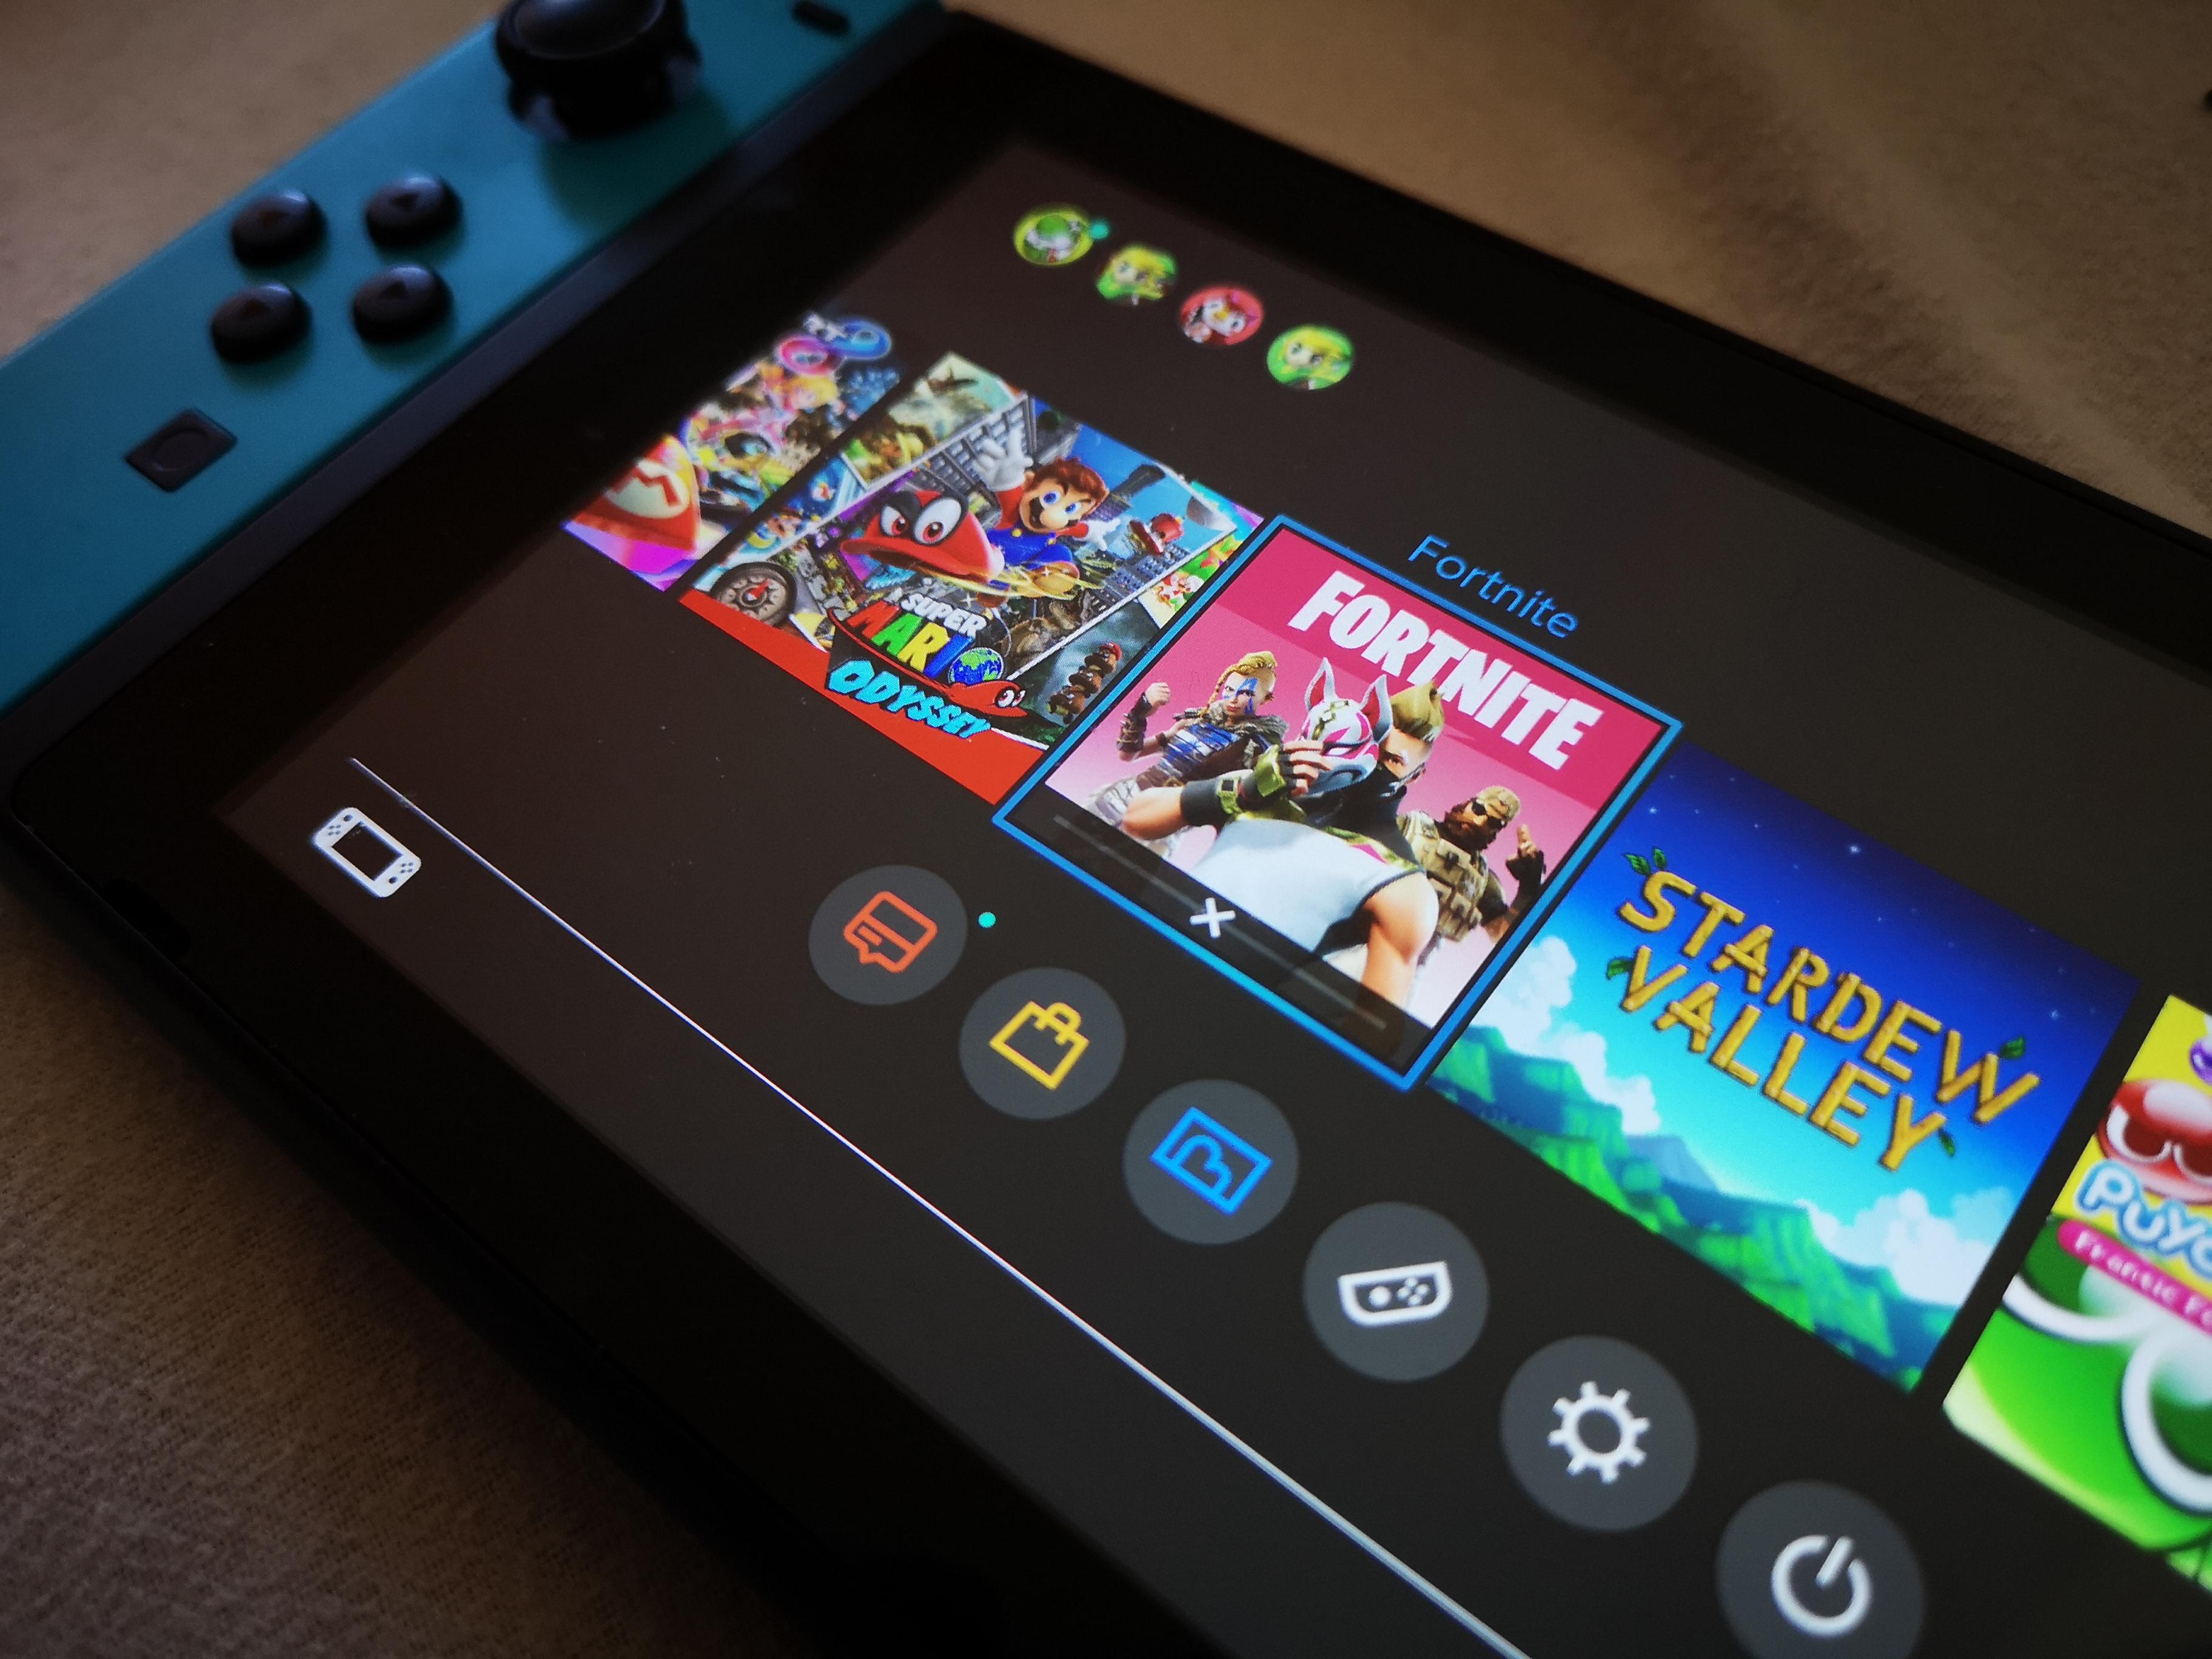 Du trenger ikke betale for å spille Fortnite på Nintendo Switch